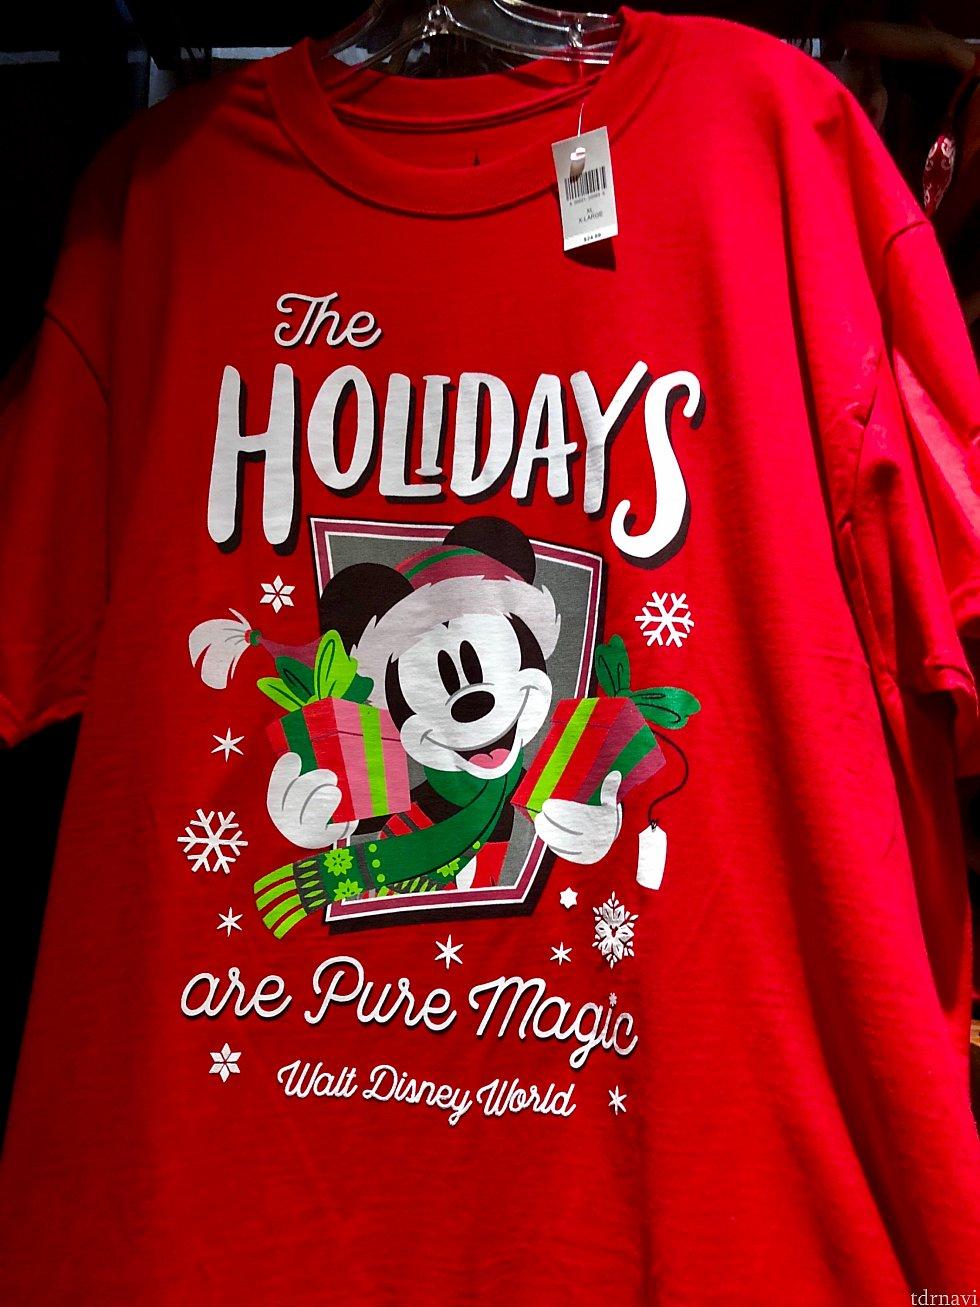 アパレル特集はこのミッキーの赤いTシャツから始めましょう。このTシャツは$24.99